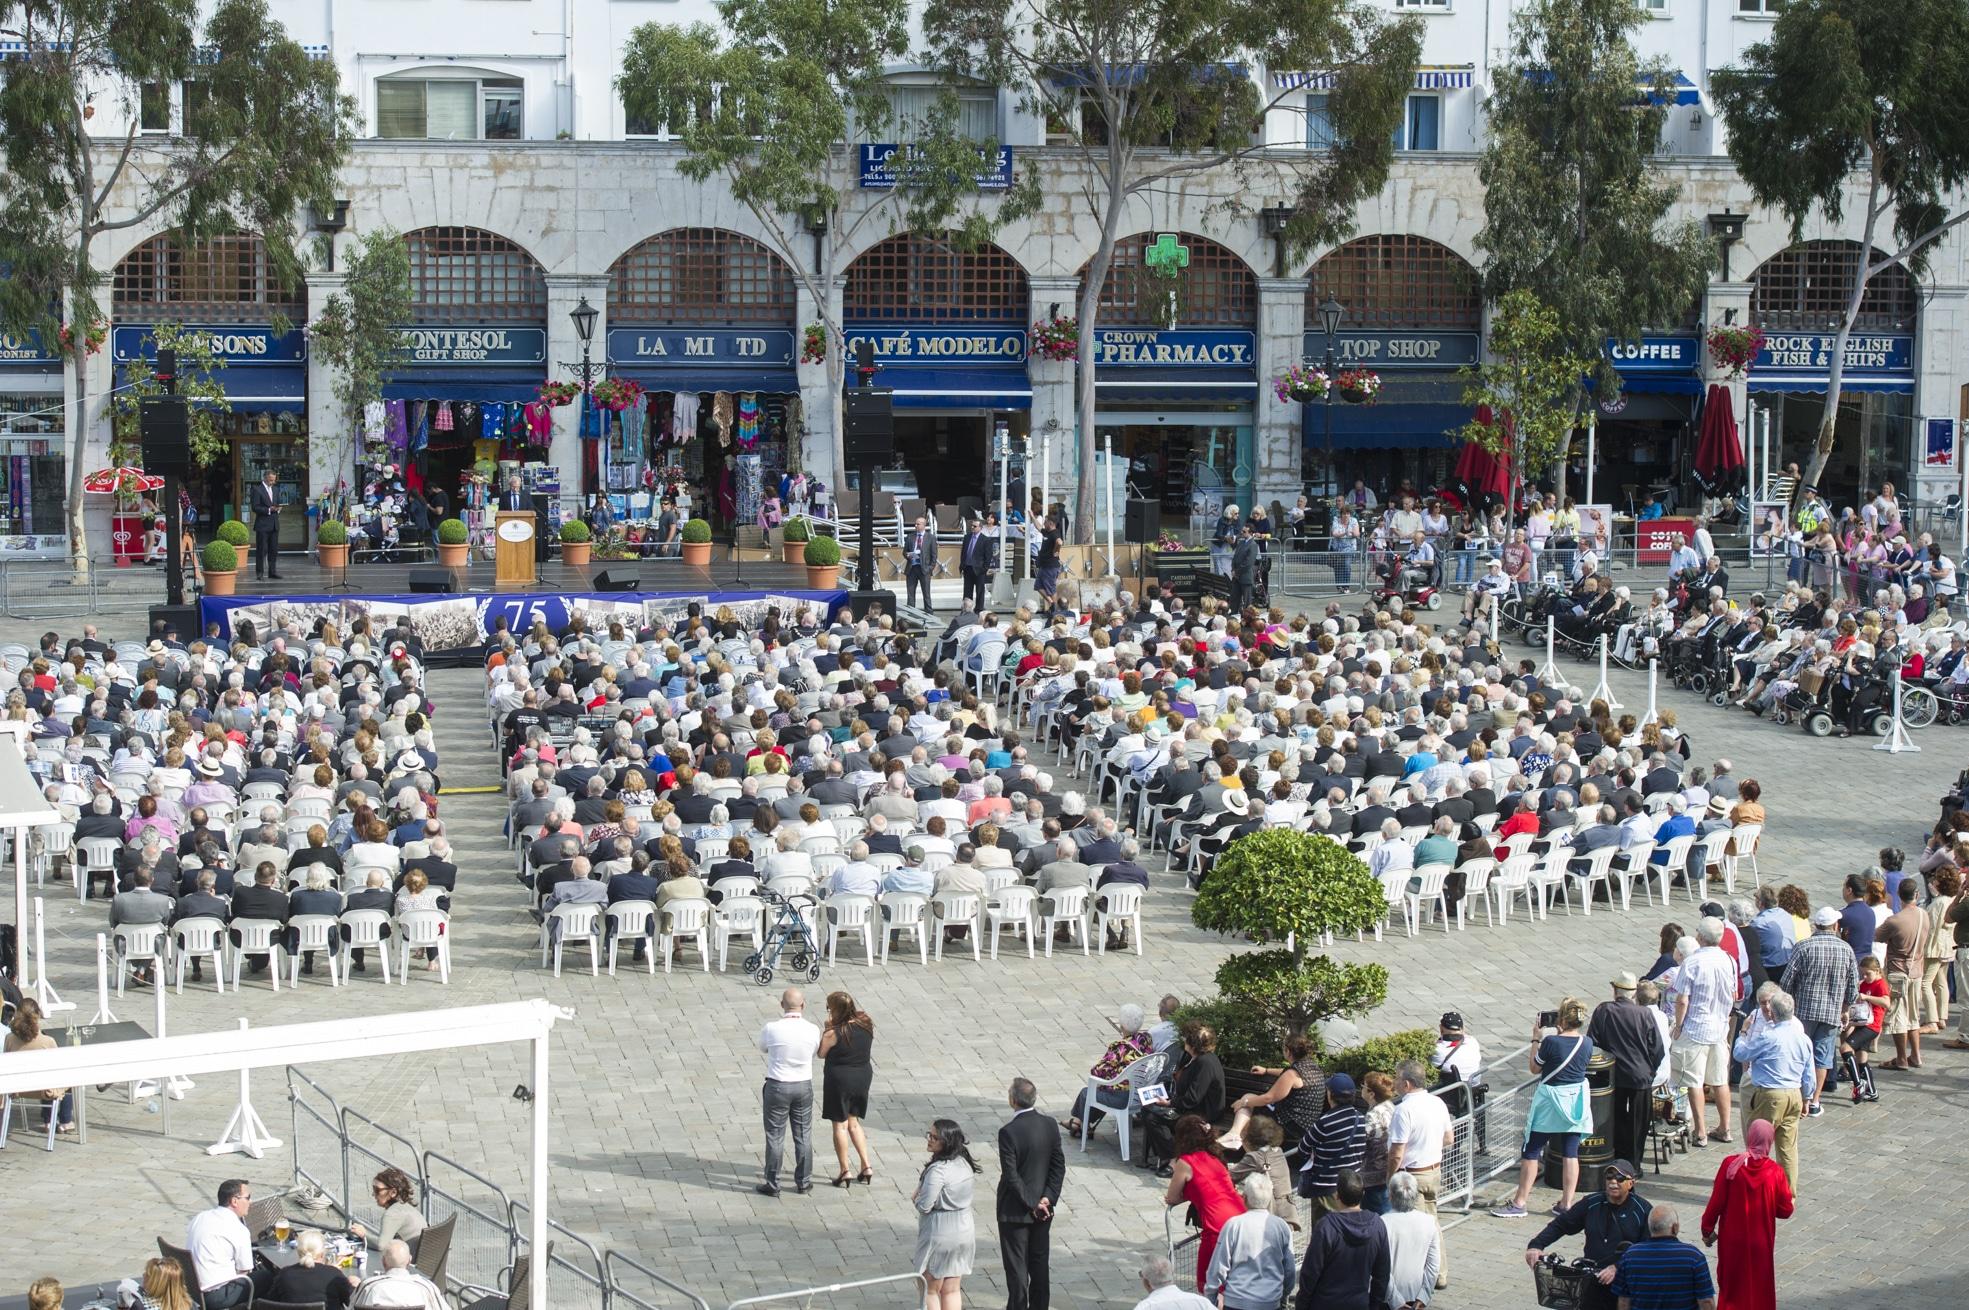 ceremonia-75-anos-evacuacion-gibraltar-22052015-42_17807380988_o